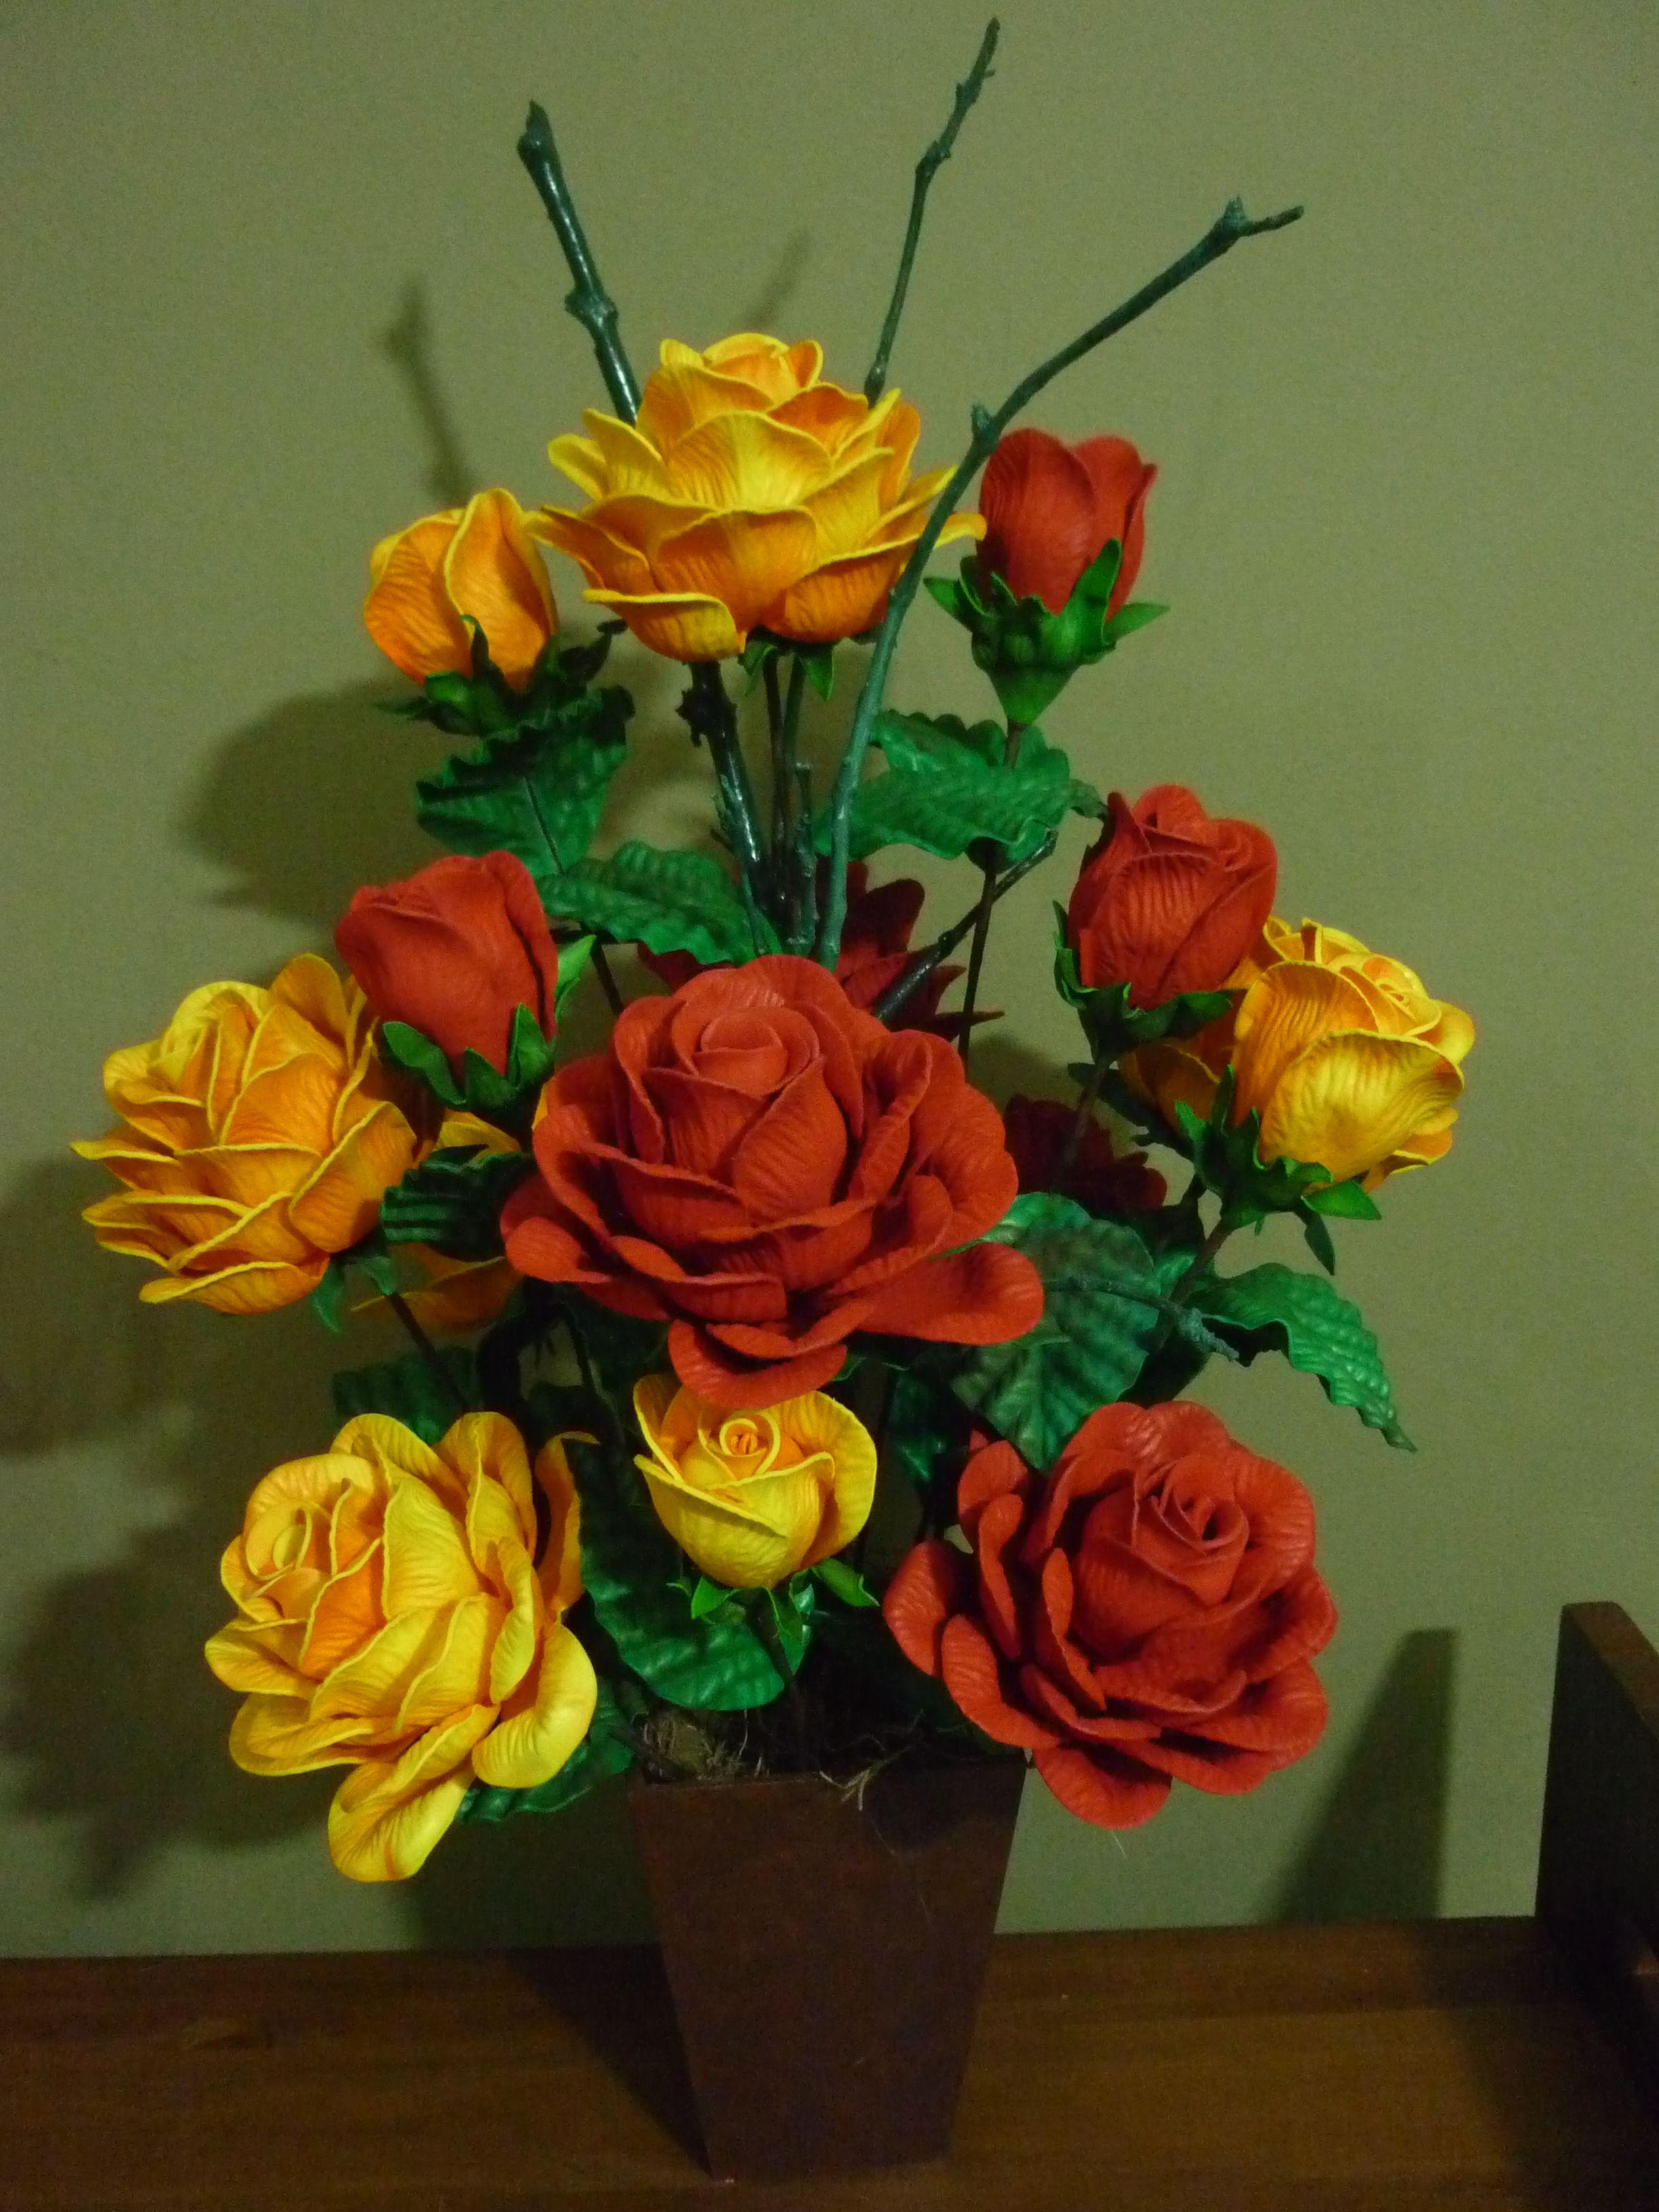 Rosa Vermelhas E Amarelas Em Eva Com Imagens Arranjos De